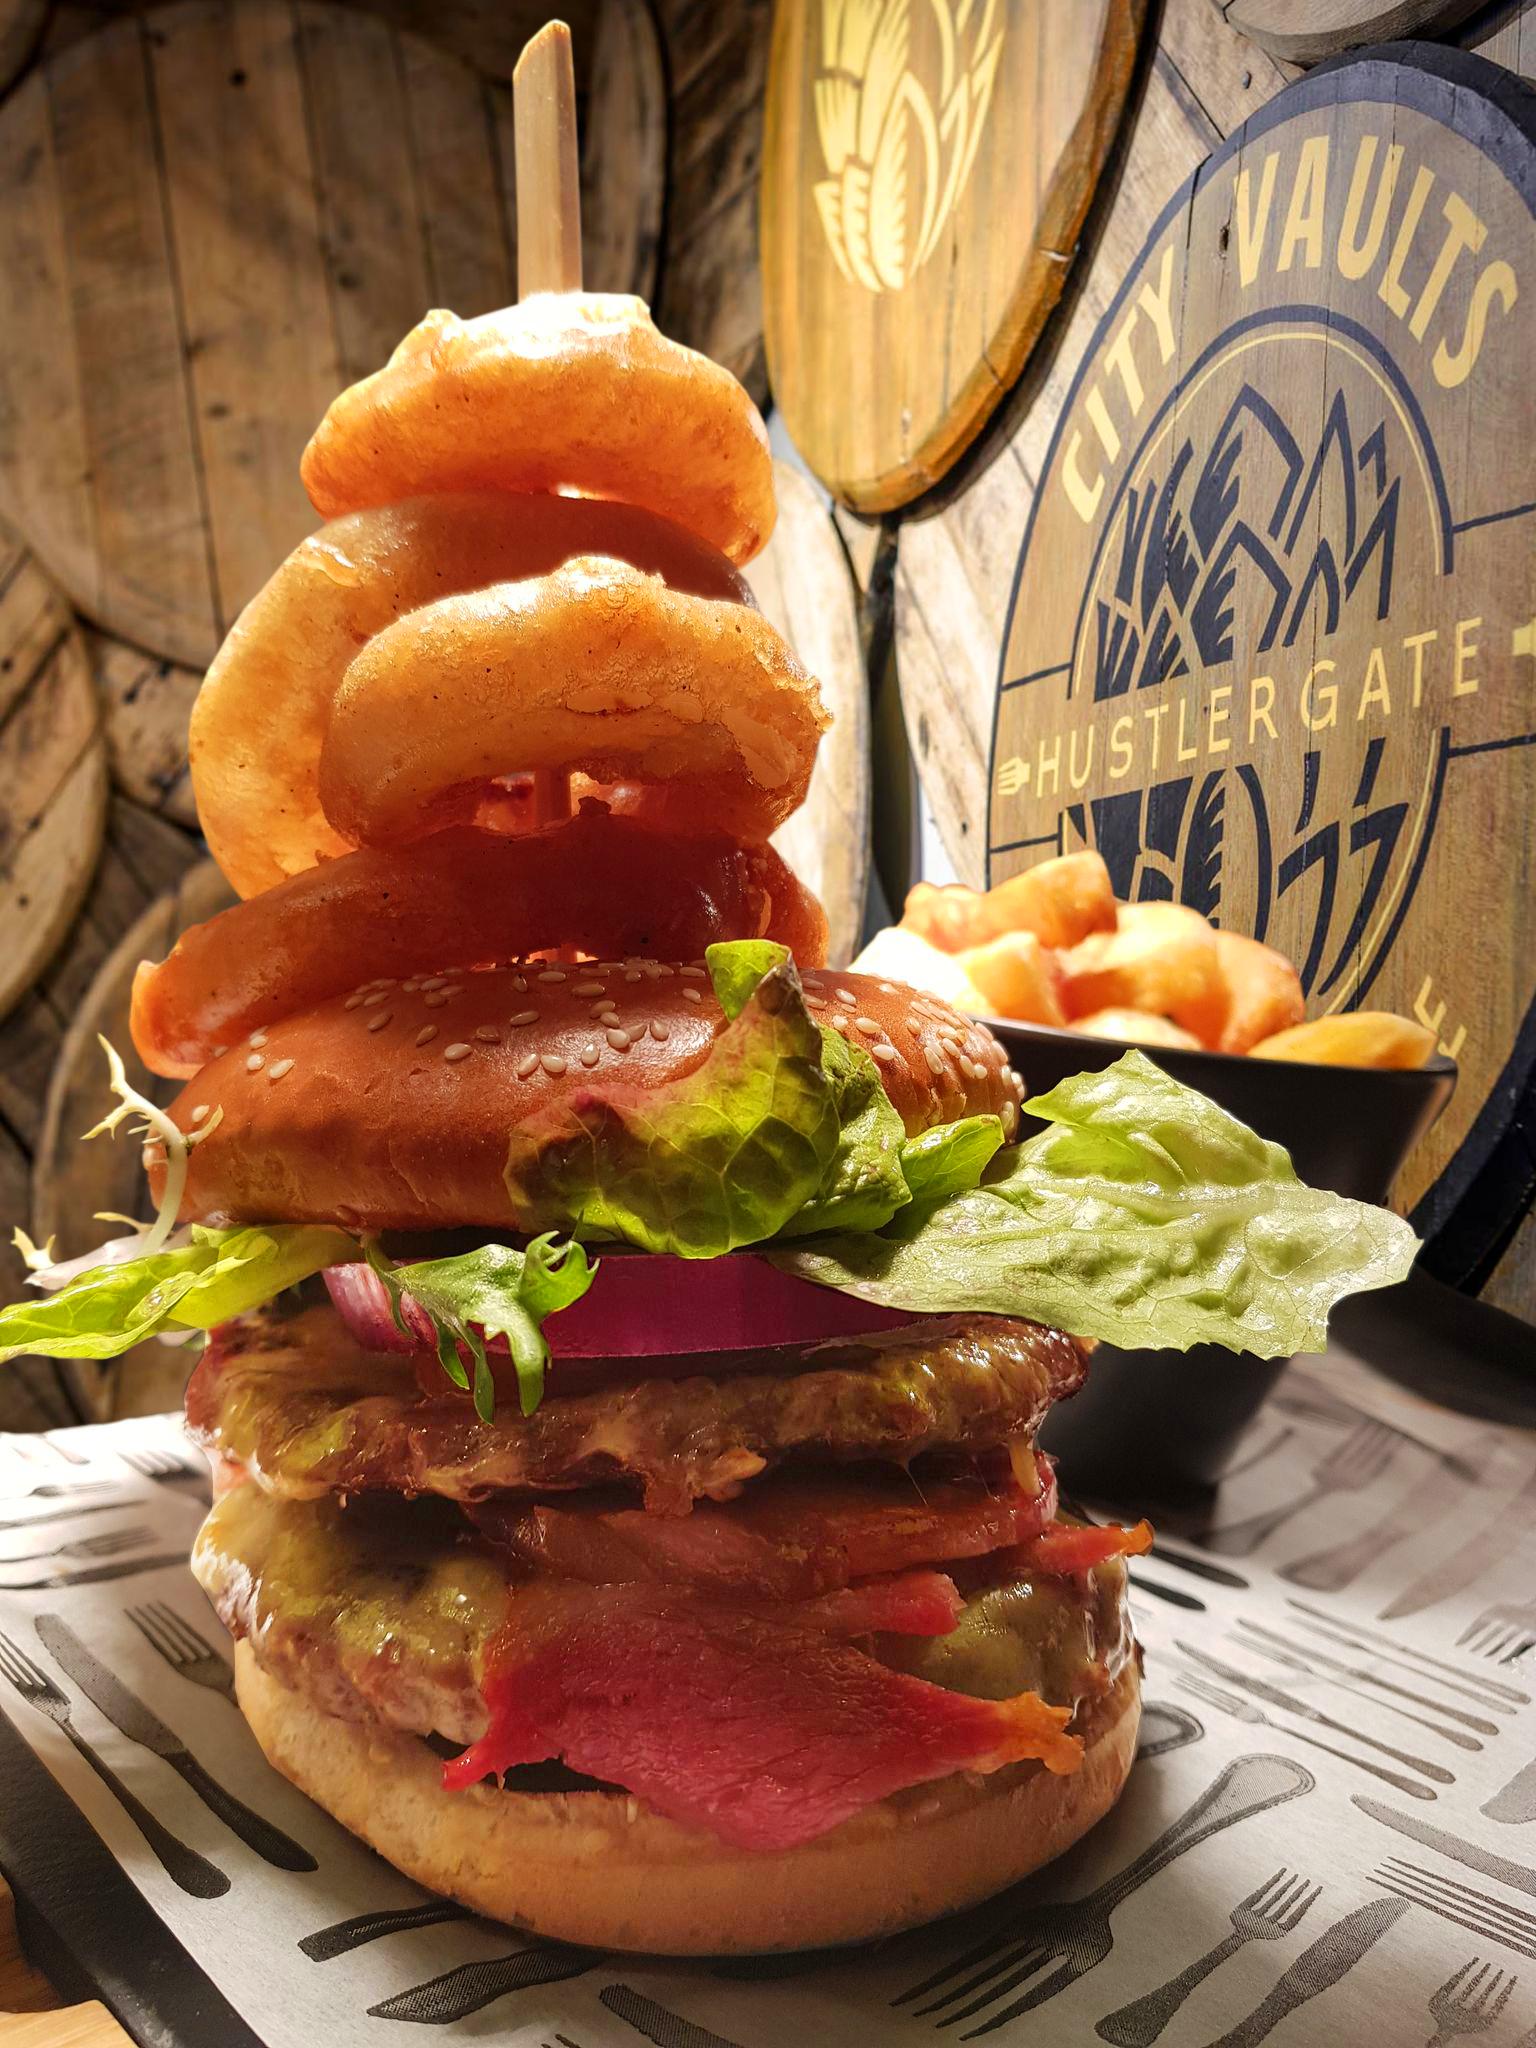 city-vaults-hustlergate-burger